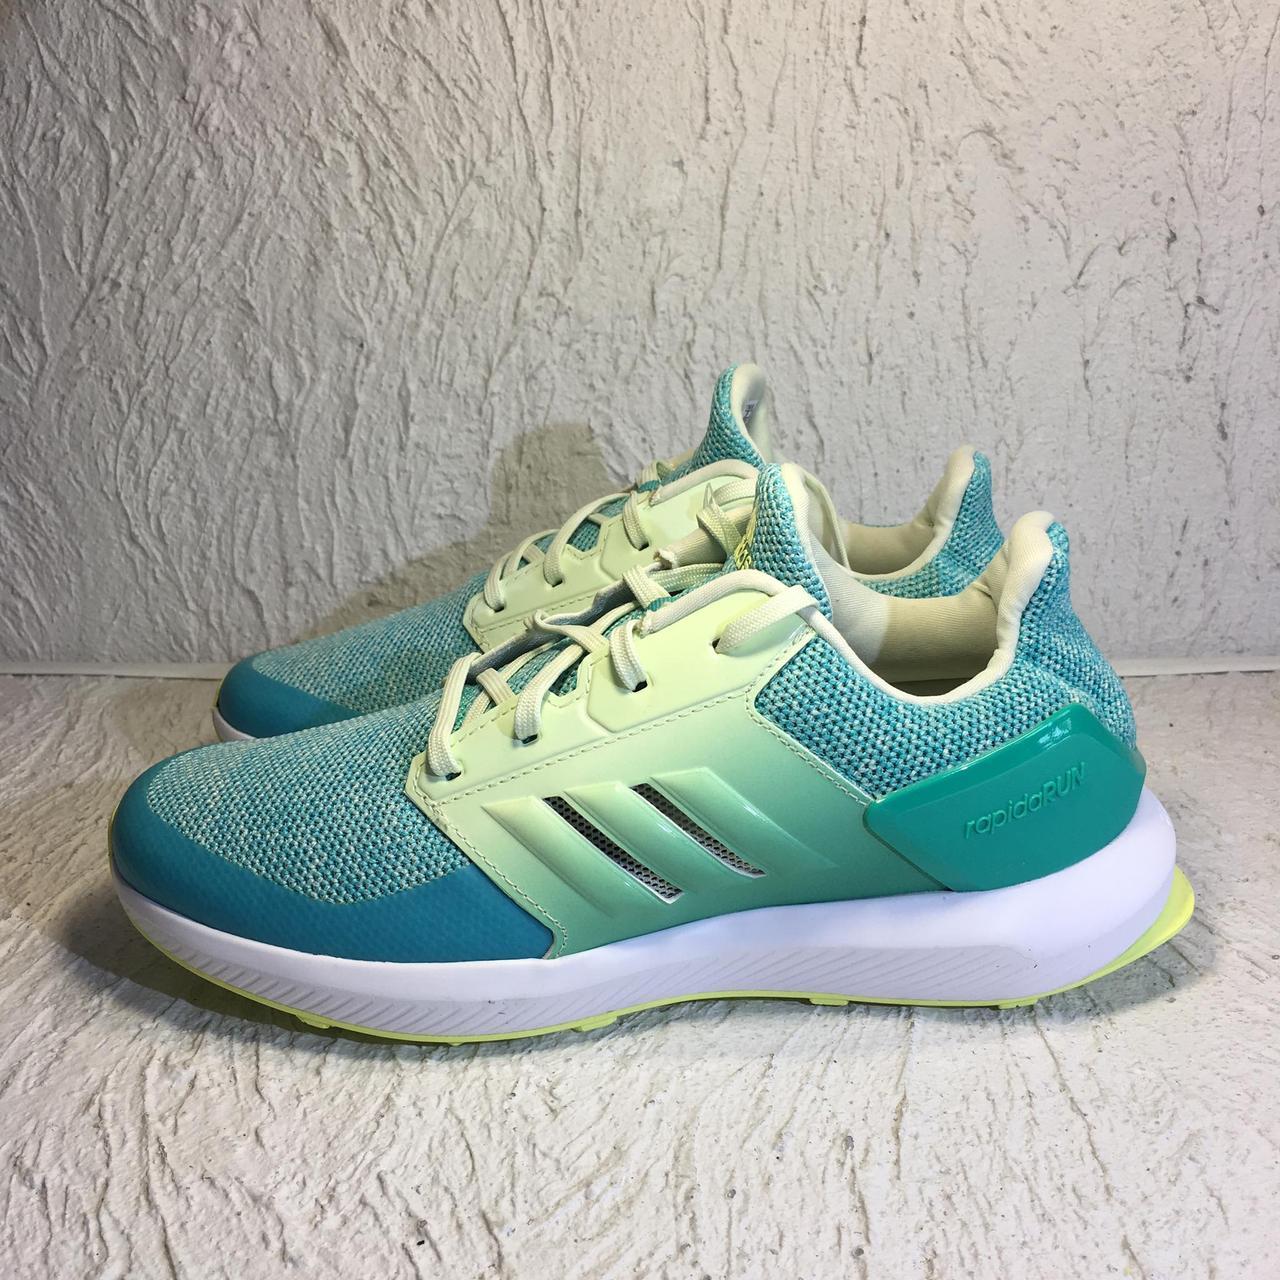 Кроссовки для бега adidas rapidarun k cq0149 36 2/3 размер